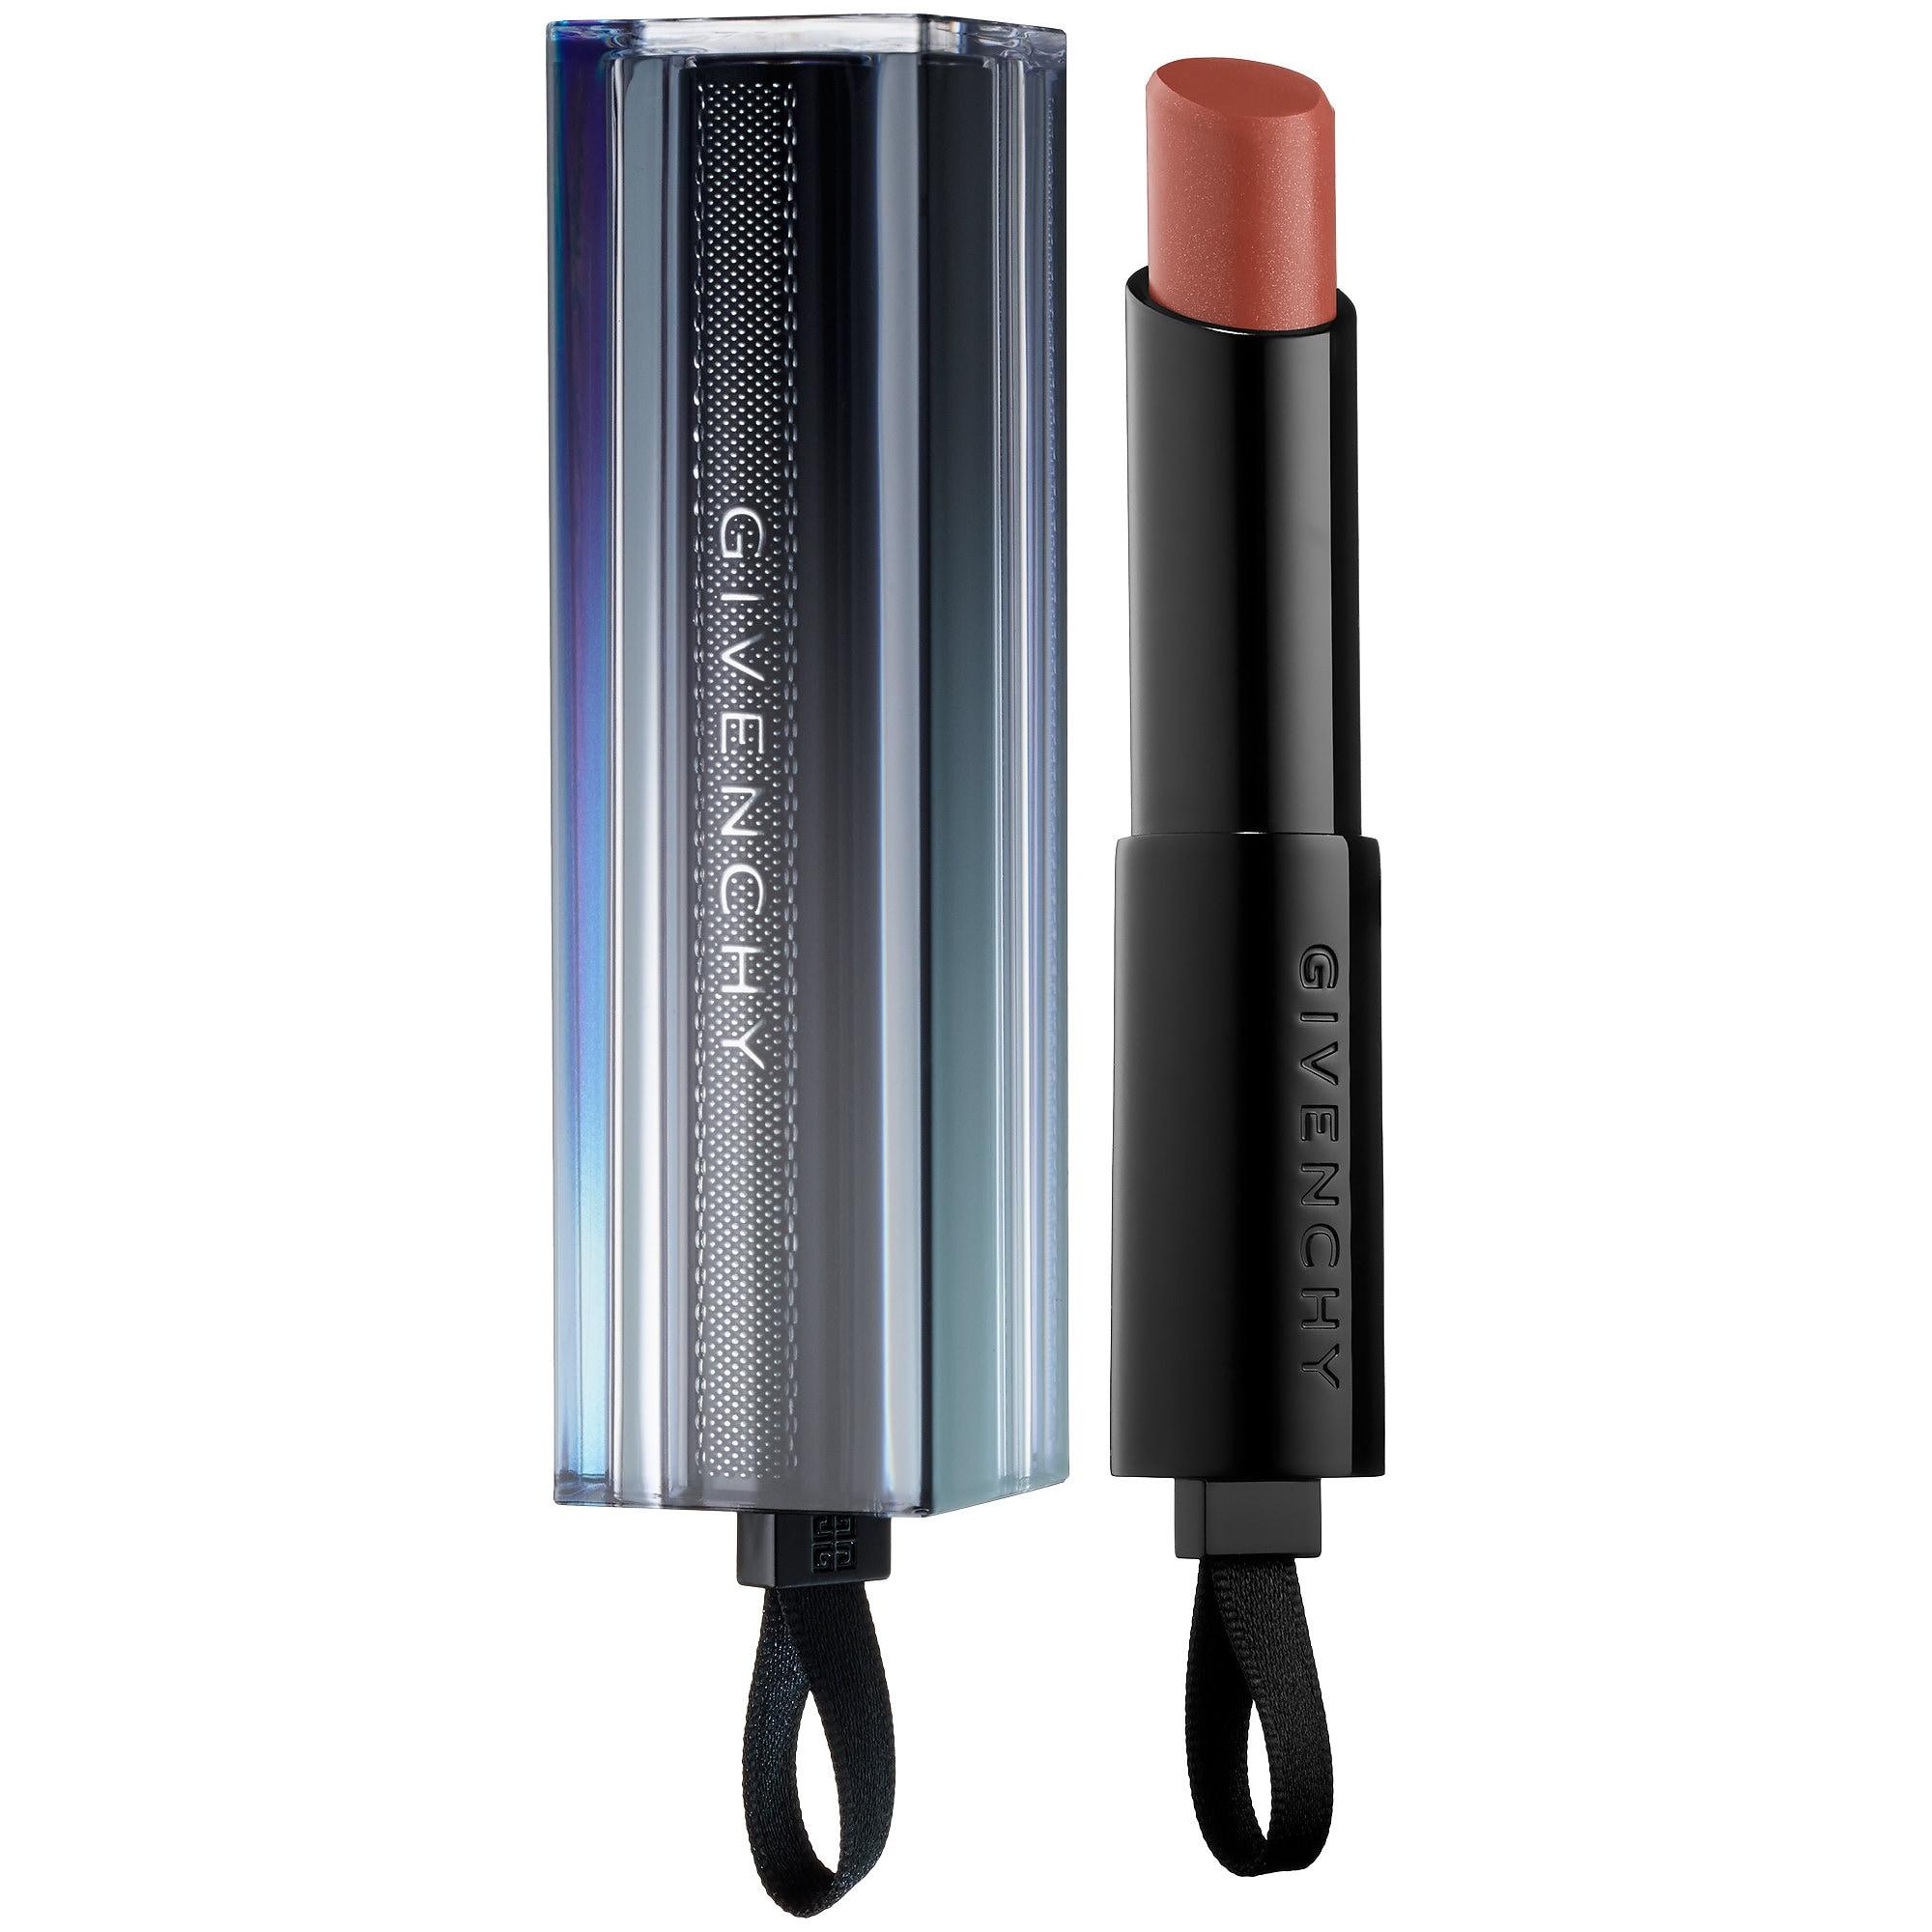 Rouge Interdit Vinyl Color Enhancing Lipstick - 02 Beige Indecent